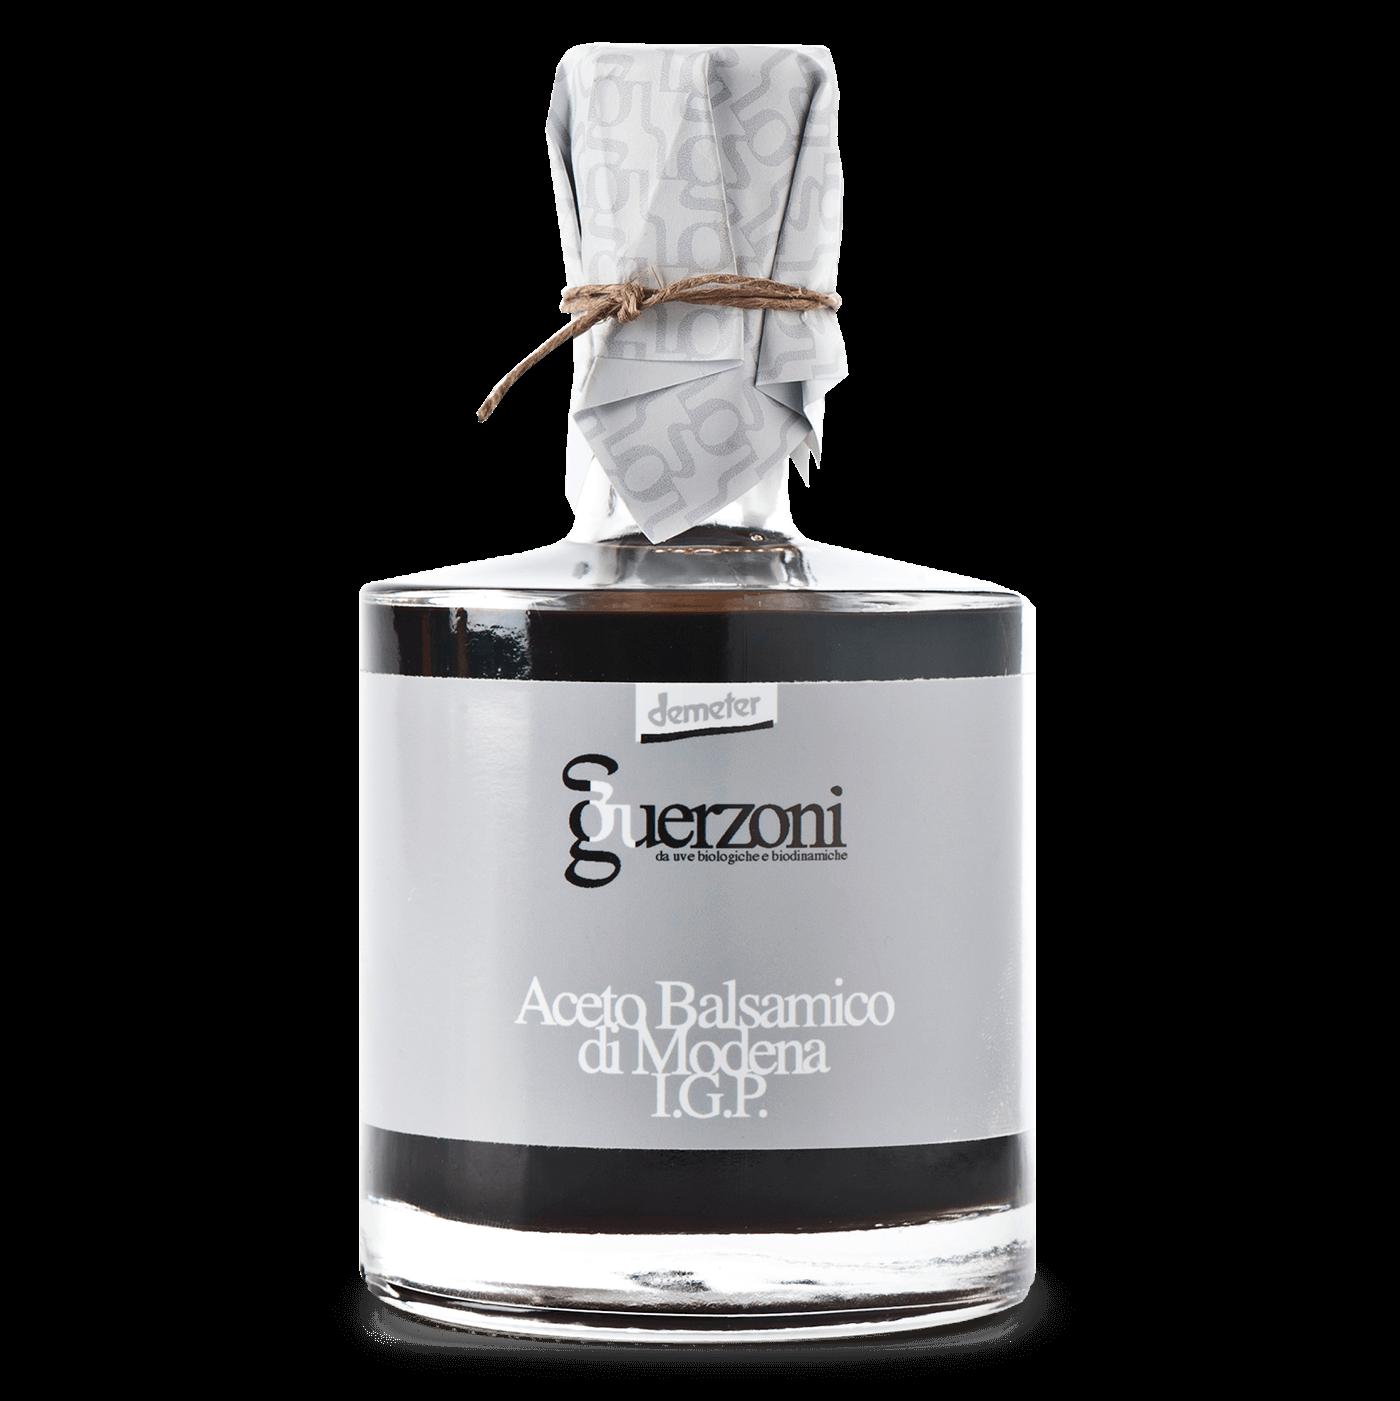 Aceto Balsamico di Modena Argento